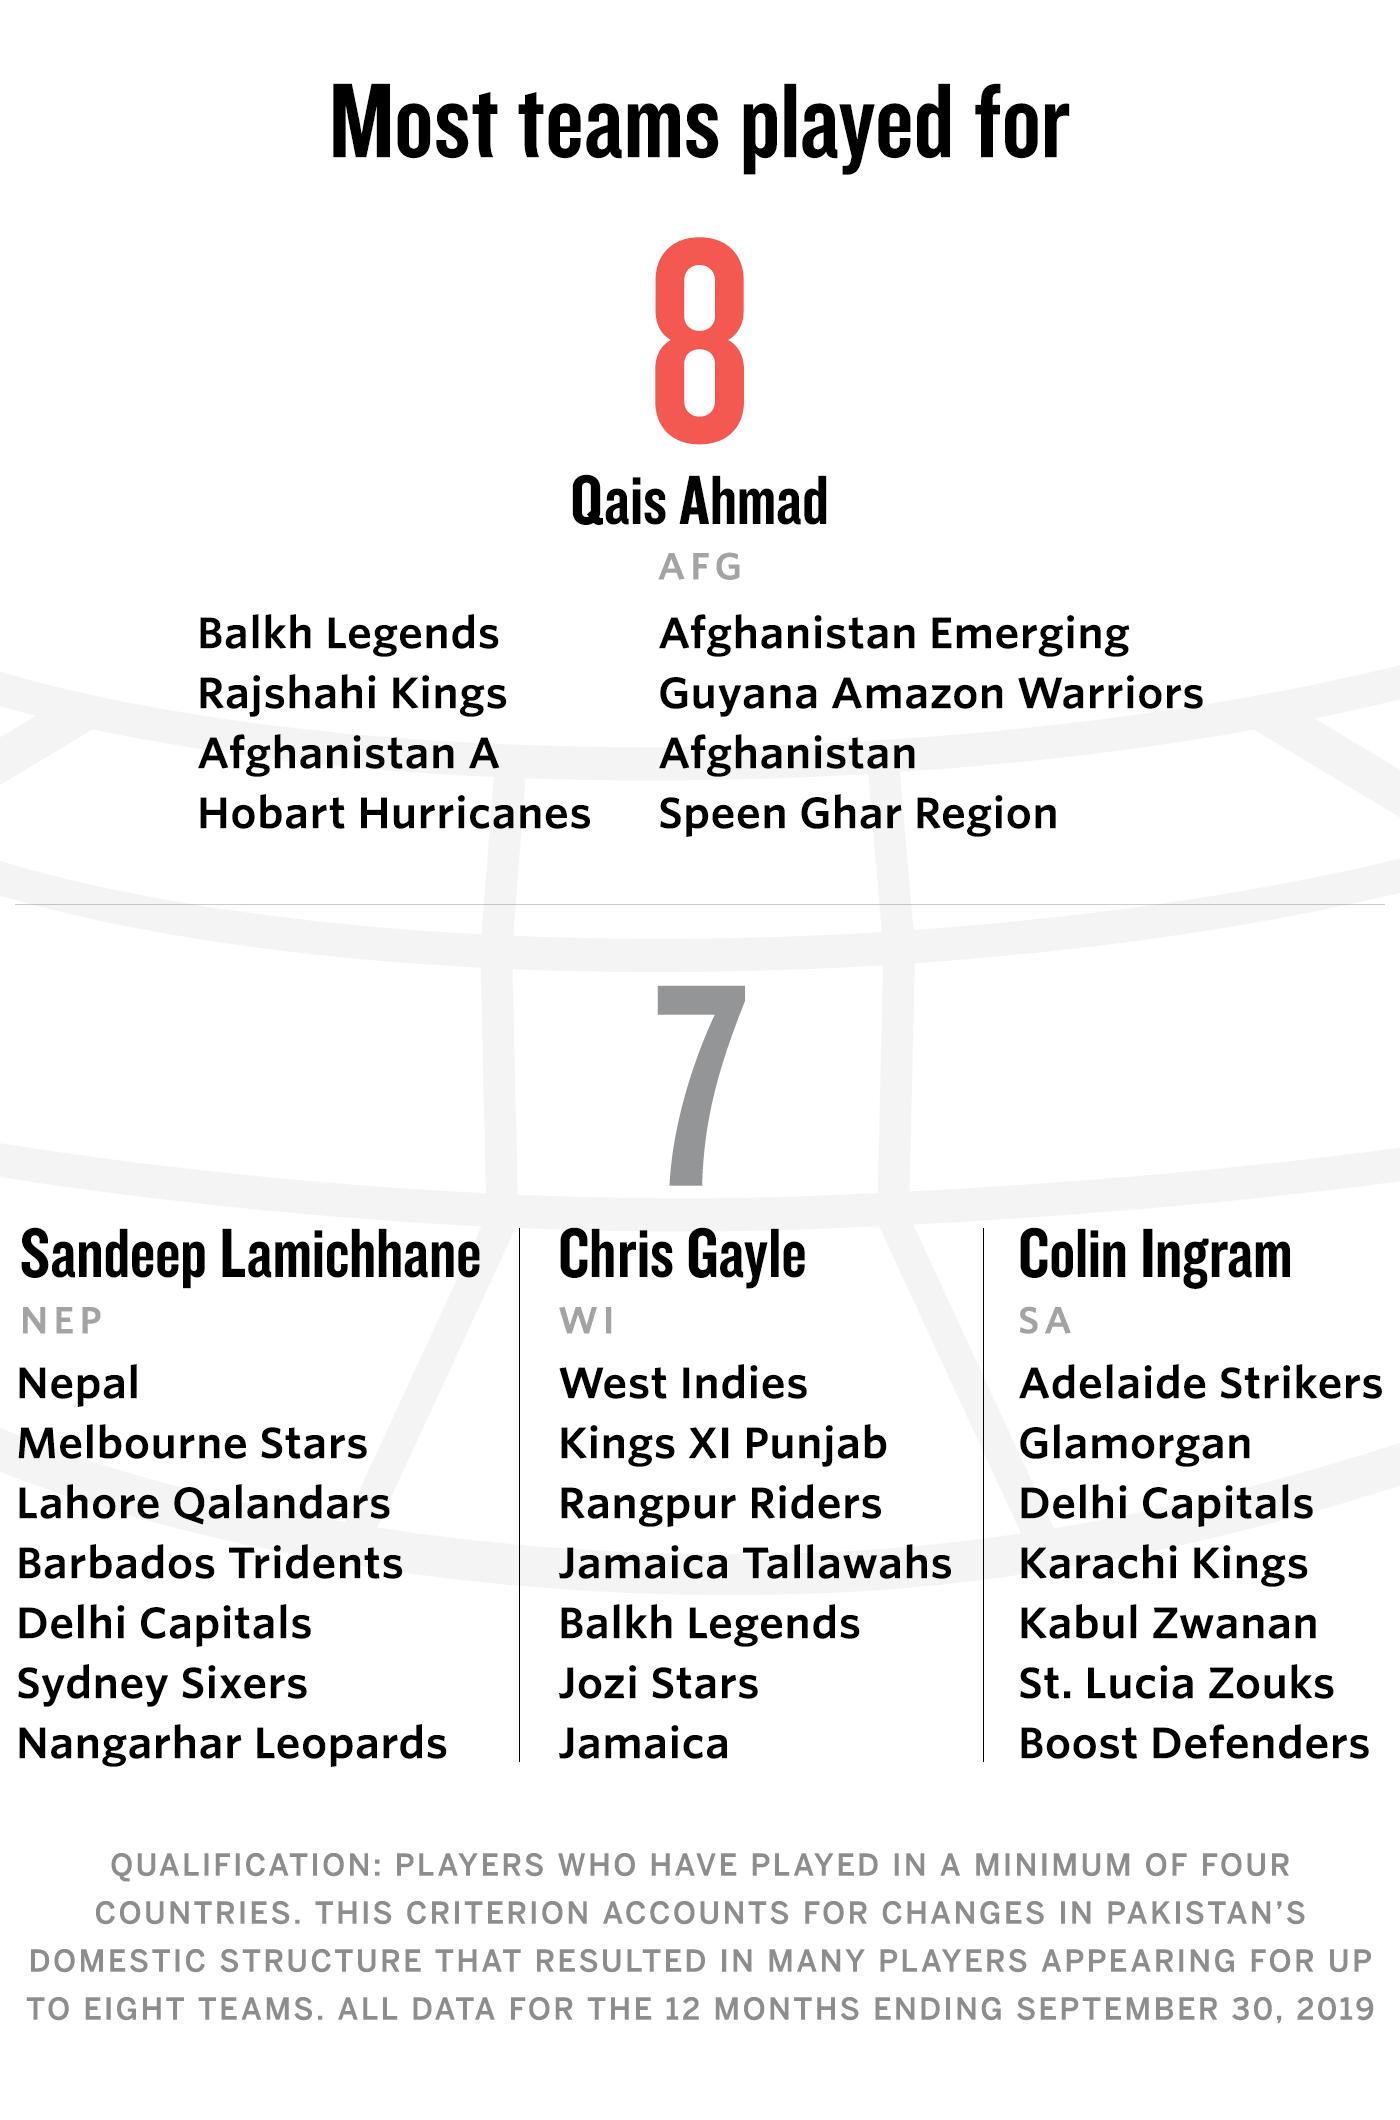 Most teams